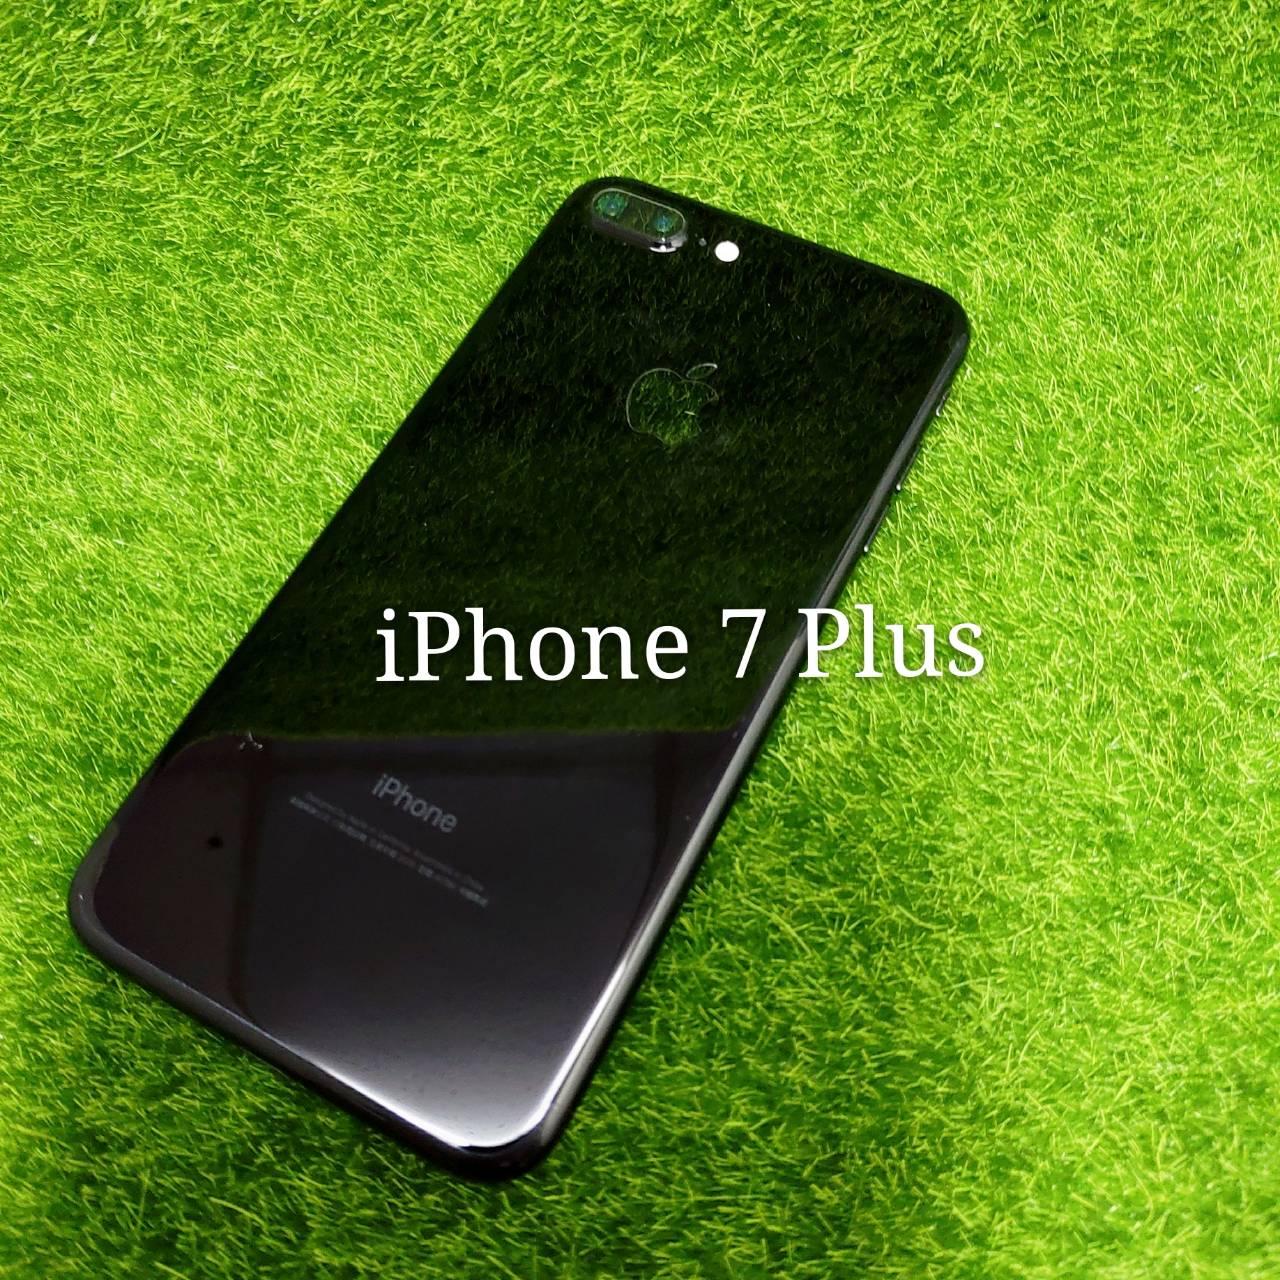 【創宇通訊】Apple iPhone 7 plus 128G A1784 曜黑、霧黑、粉、金【福利品】